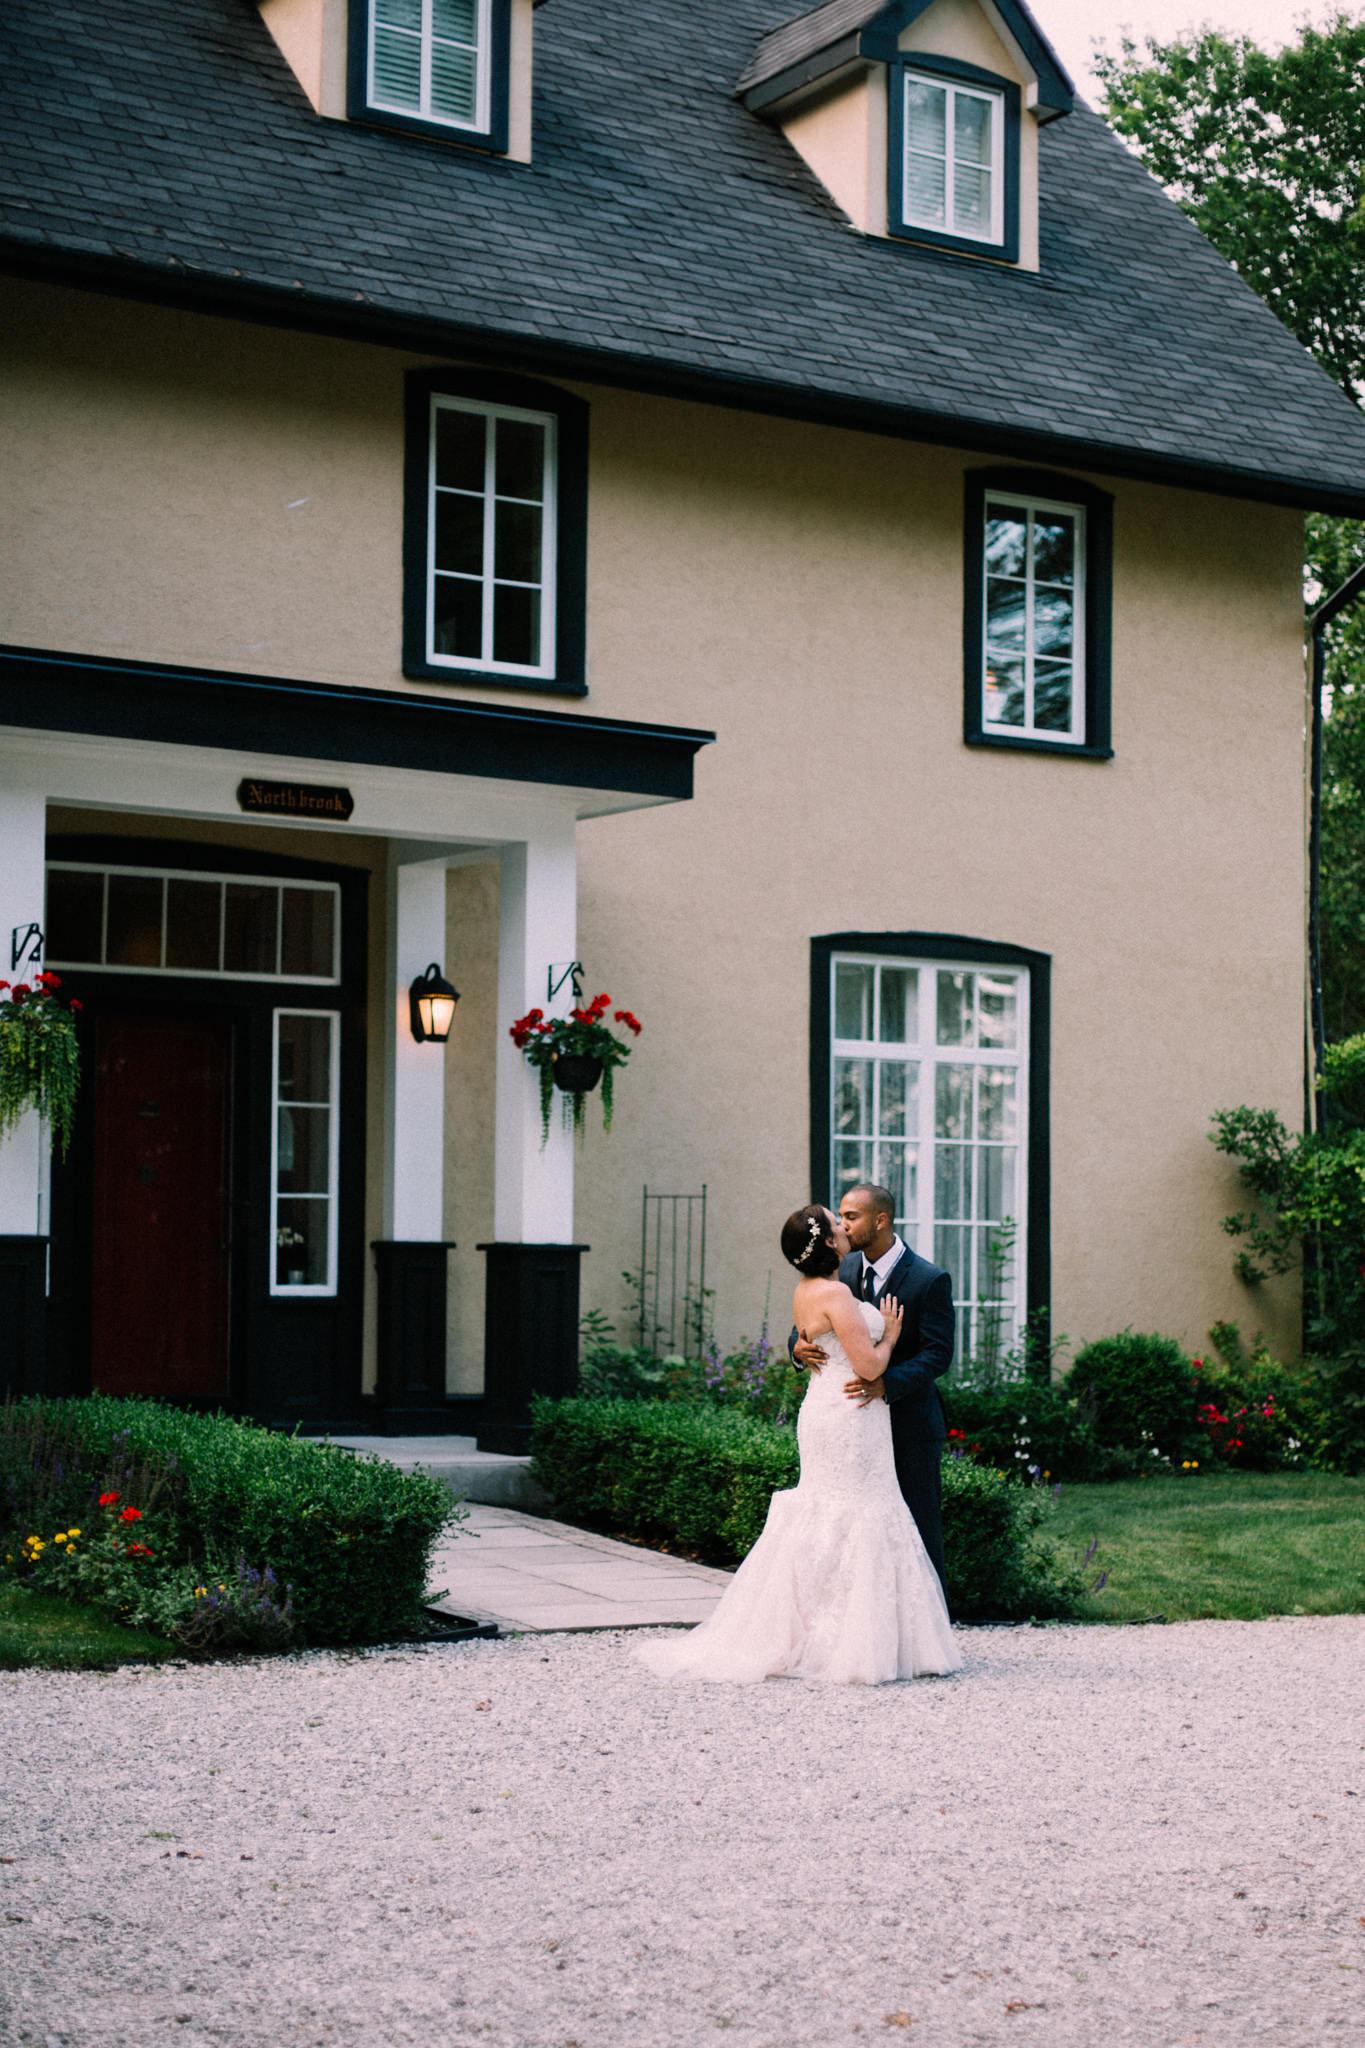 Orillia summer wedding at Northbrook Farms by Max Wong Photo (31)